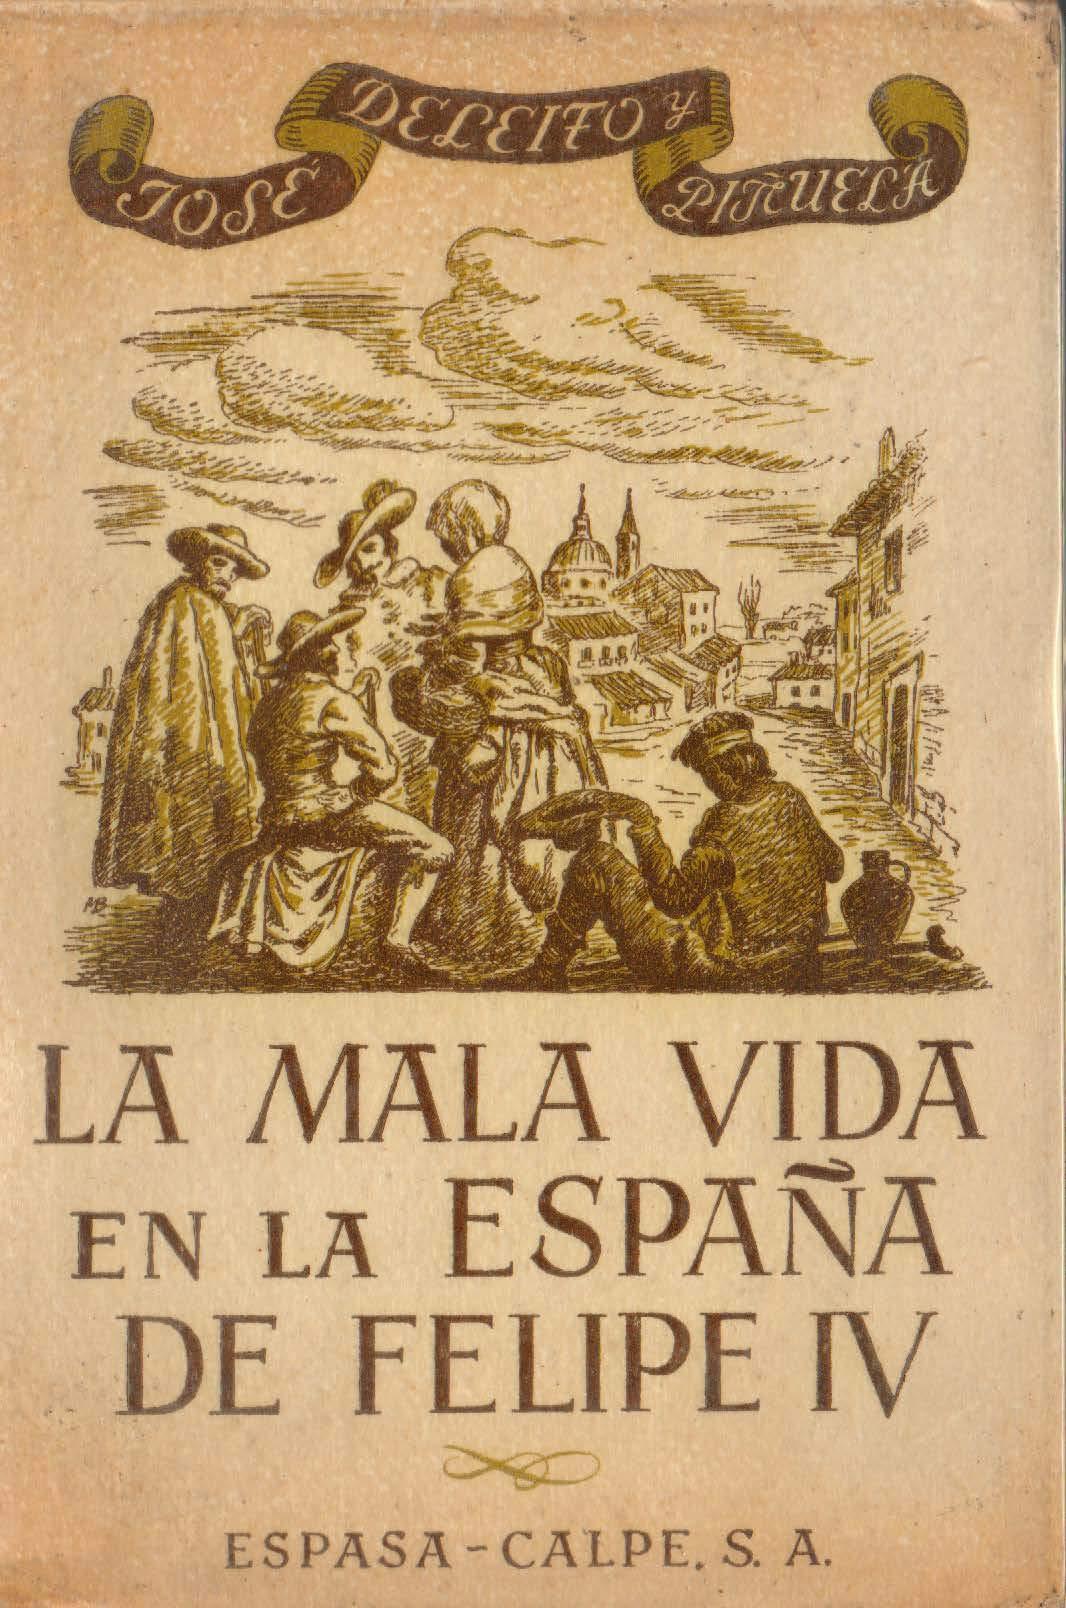 LA MALA VIDA EN LA ESPANA DE FELIPE IV : LIBERTINAJE, PROSTITUCION, VERGANZAS, CRIMENES Y ATENTADOS, LADRONES Y BANDOLEROS, LA VIDA PICARESCA, LOS BAJOS FONDOS MATRITENSES, LOS MENDIGOS, EL JUEGO.: Amazon.es: DELEITO